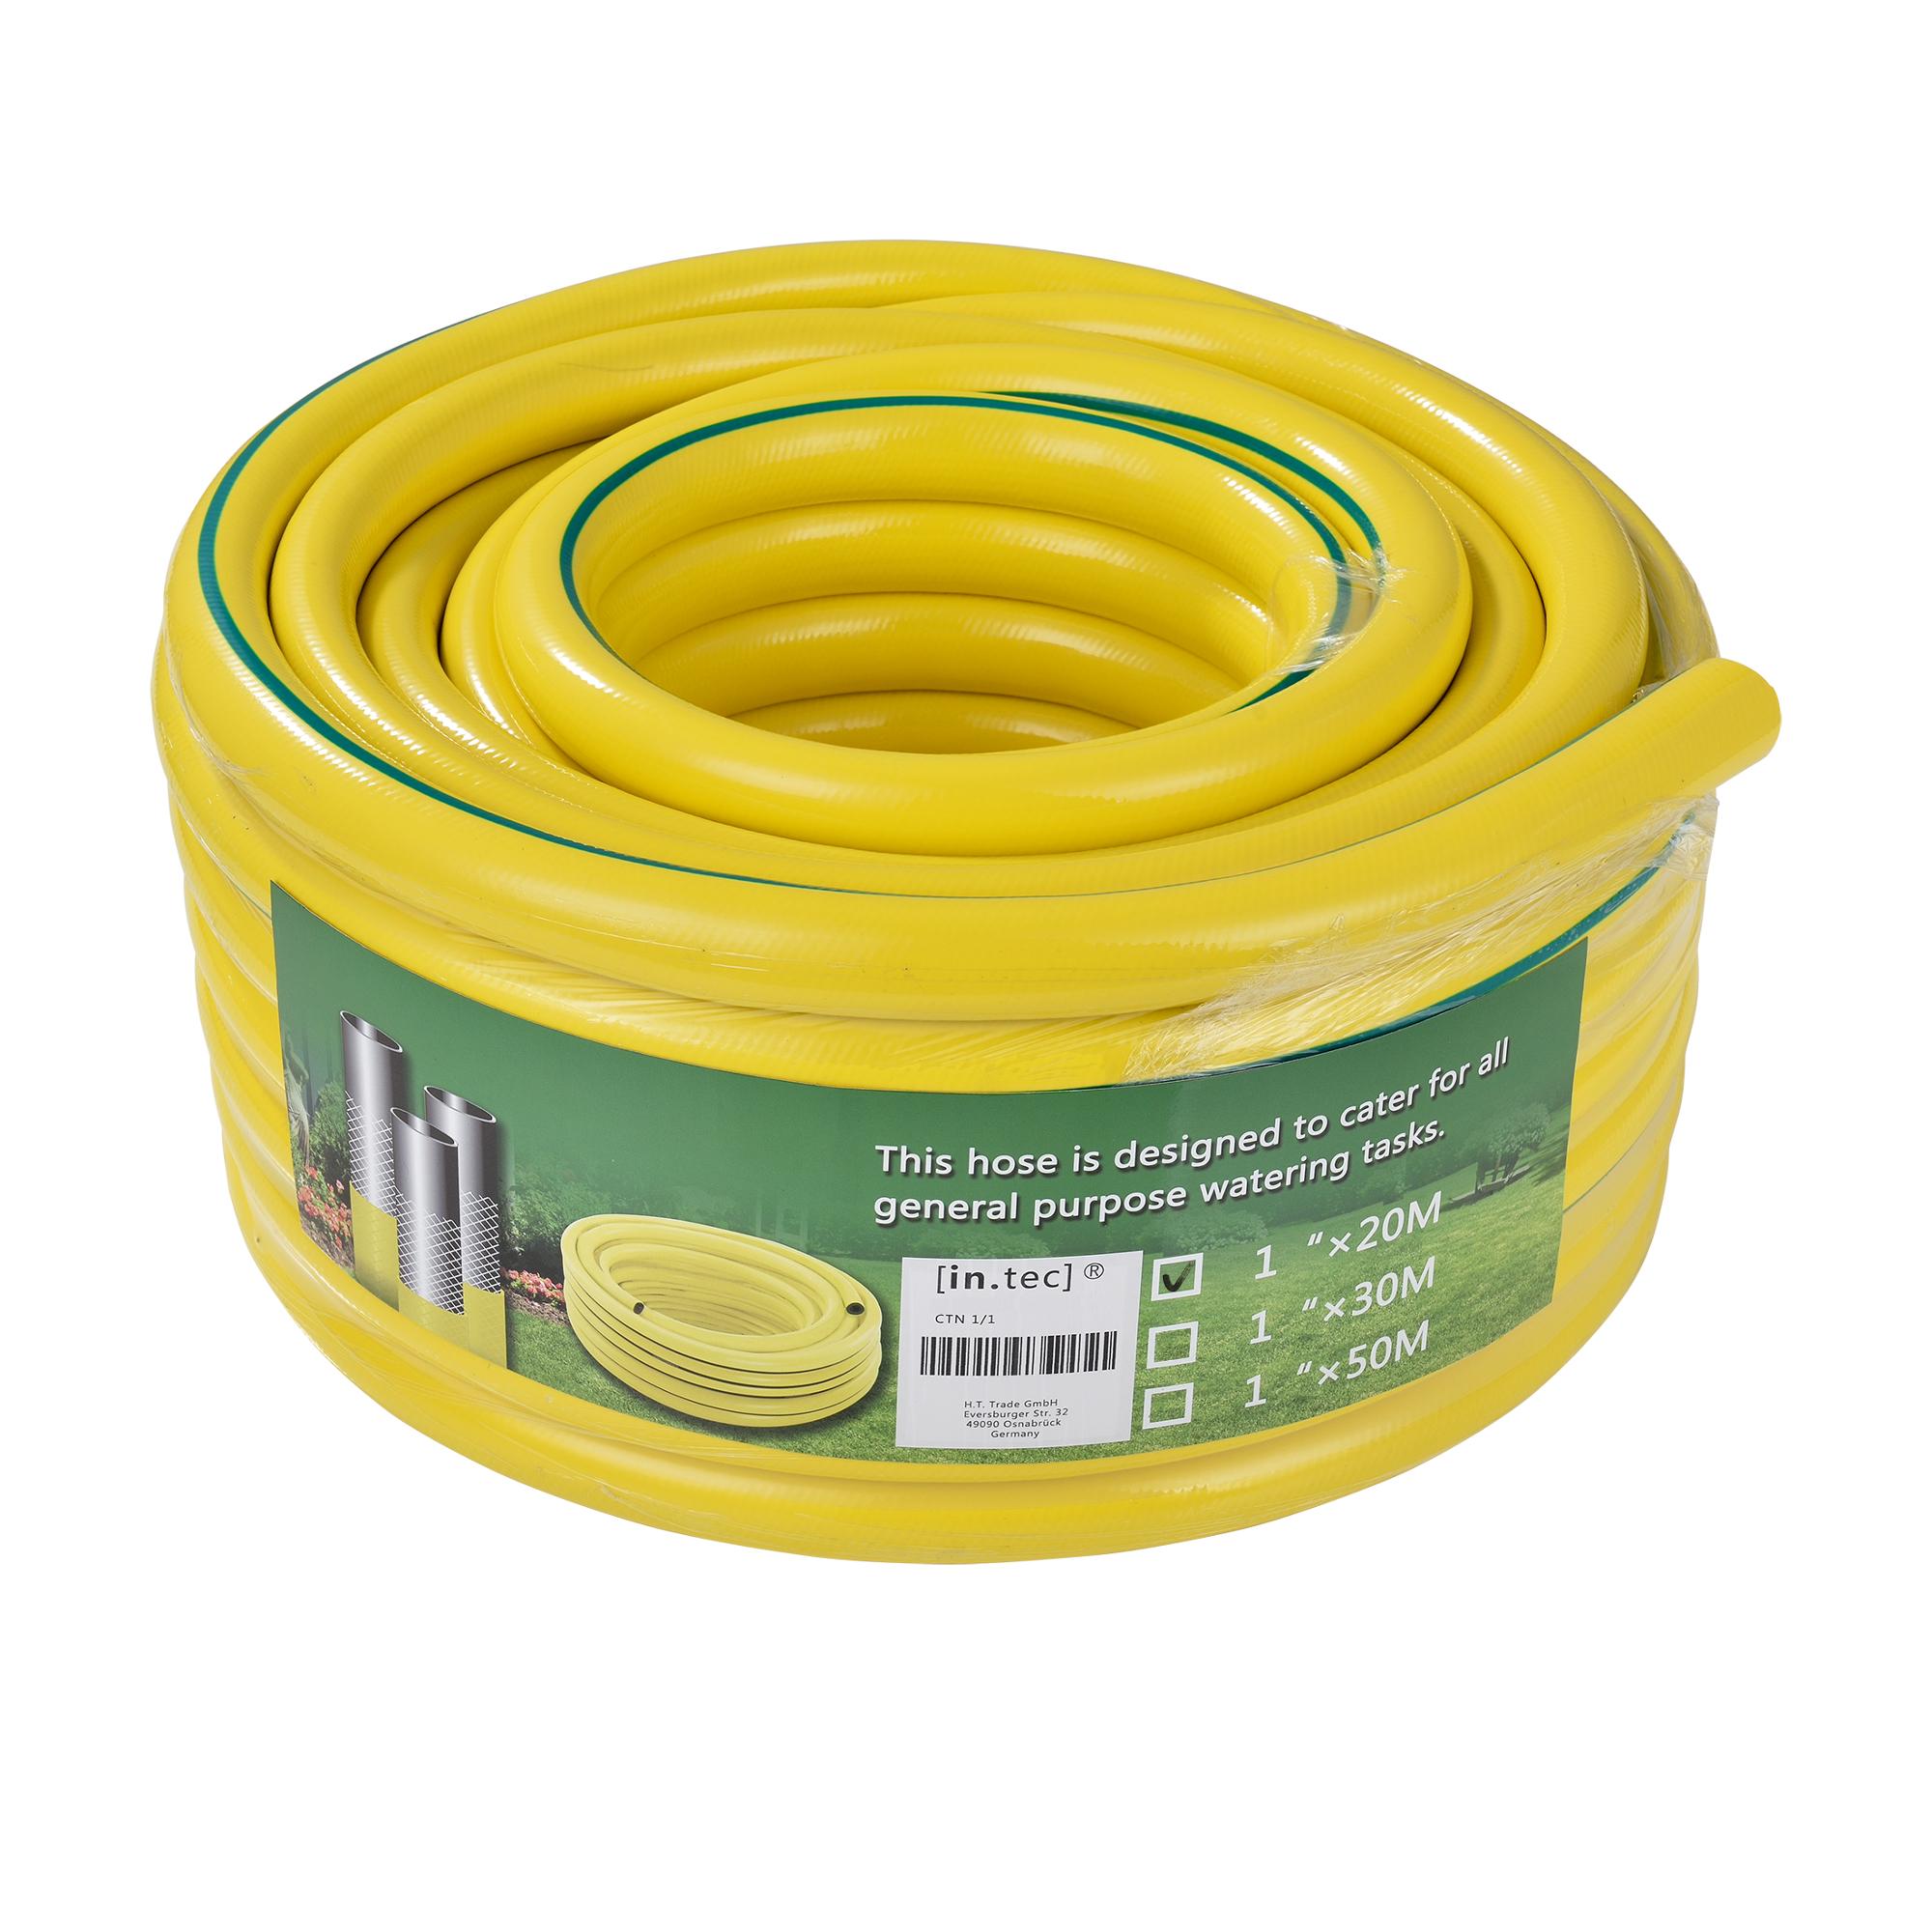 [in.tec]® zahradní hadice / kropicí hadice ,žlutá zelená proužek, 20 m